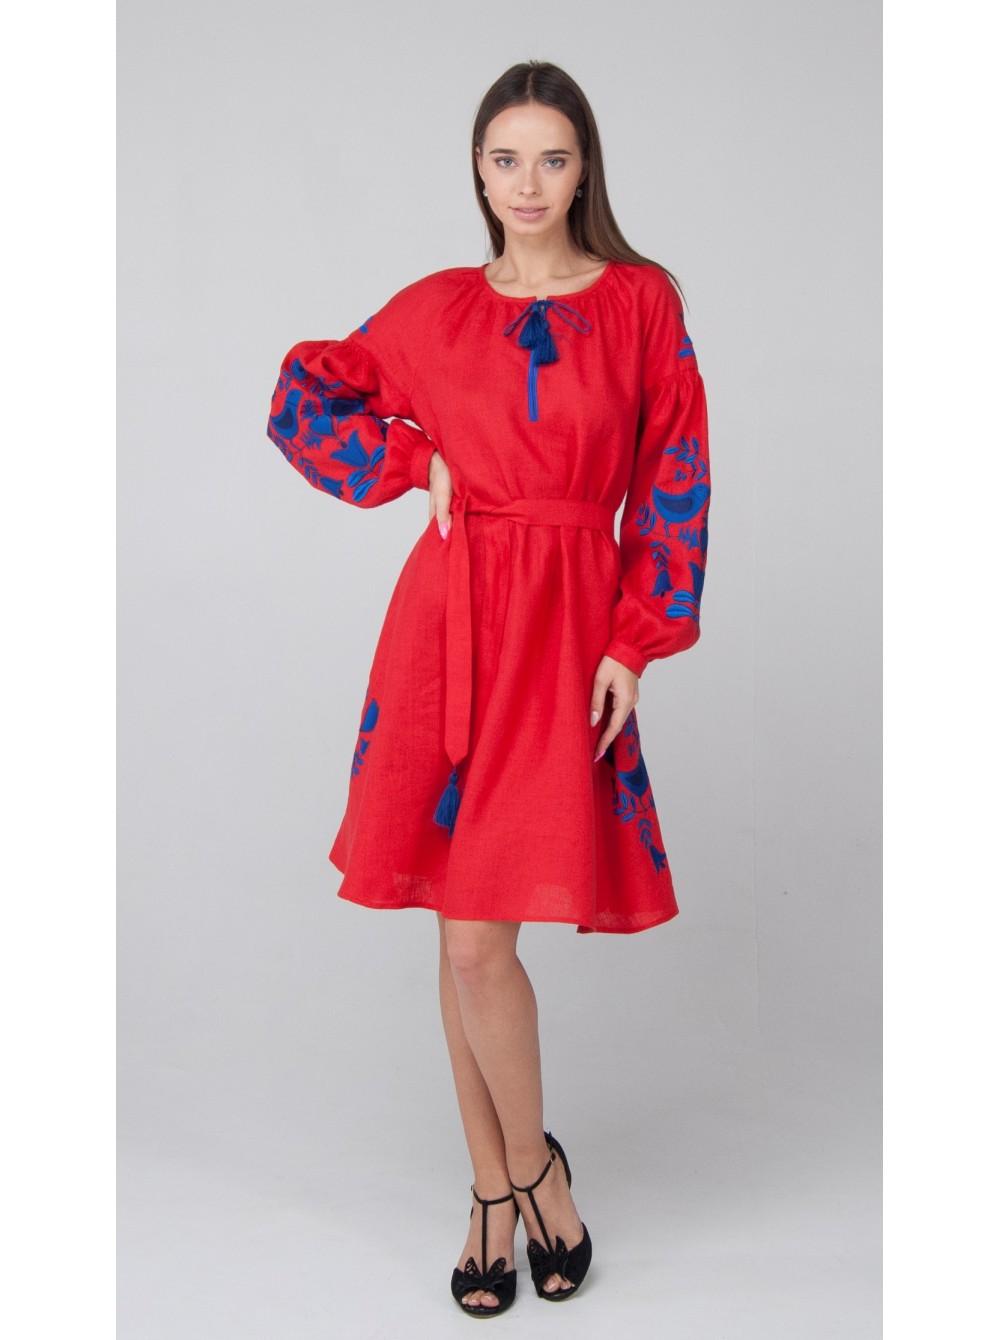 5655608b9982a7 Червона лляна сукня - etno-vyshyvanka.com